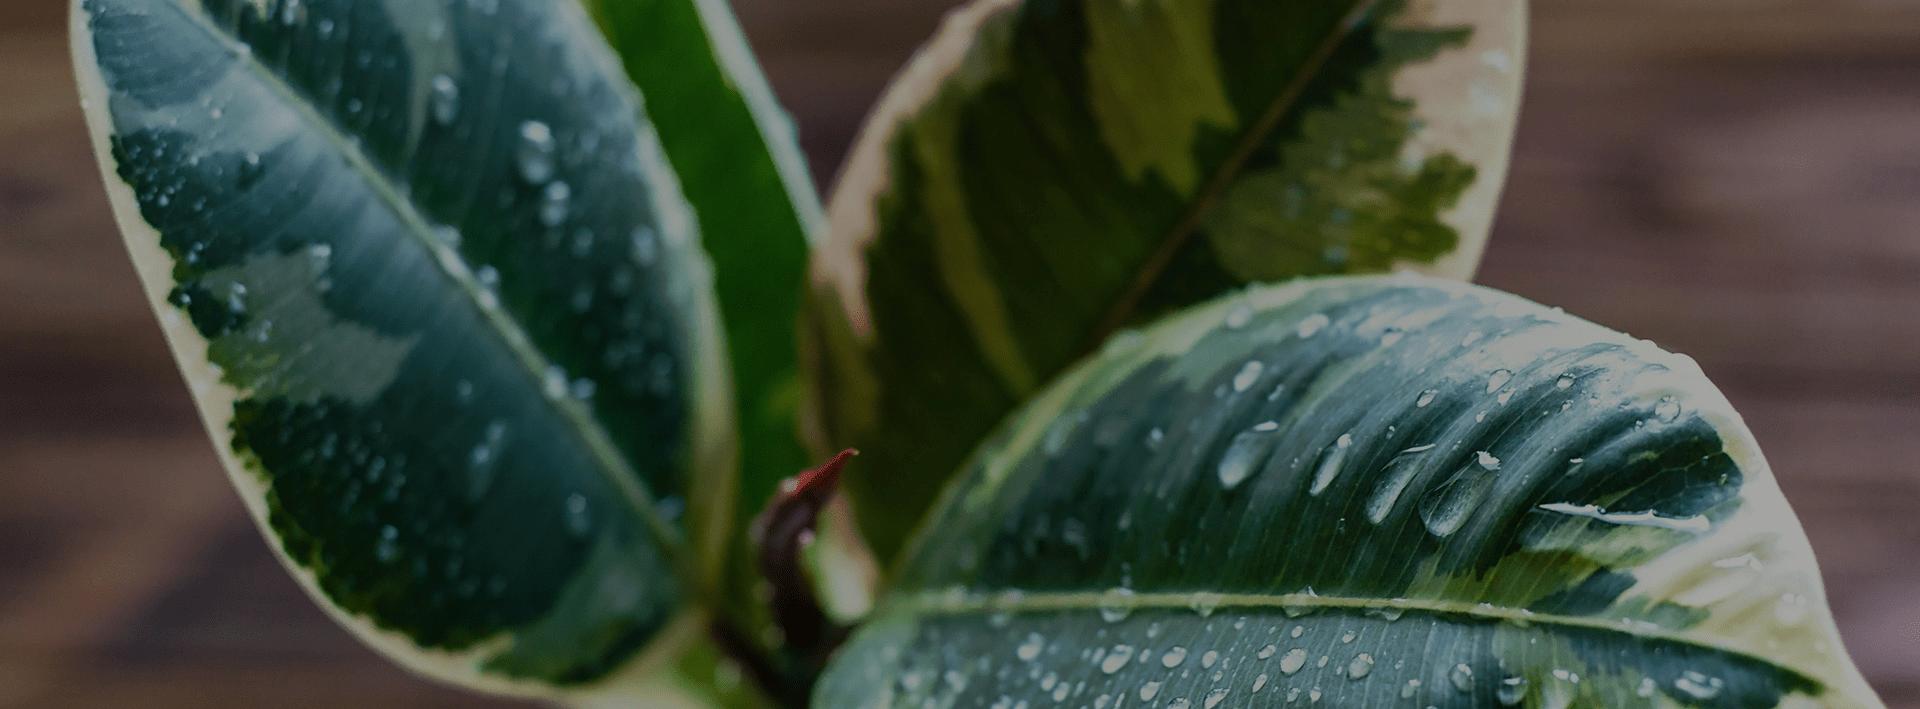 Hoa cảnh - LuxD